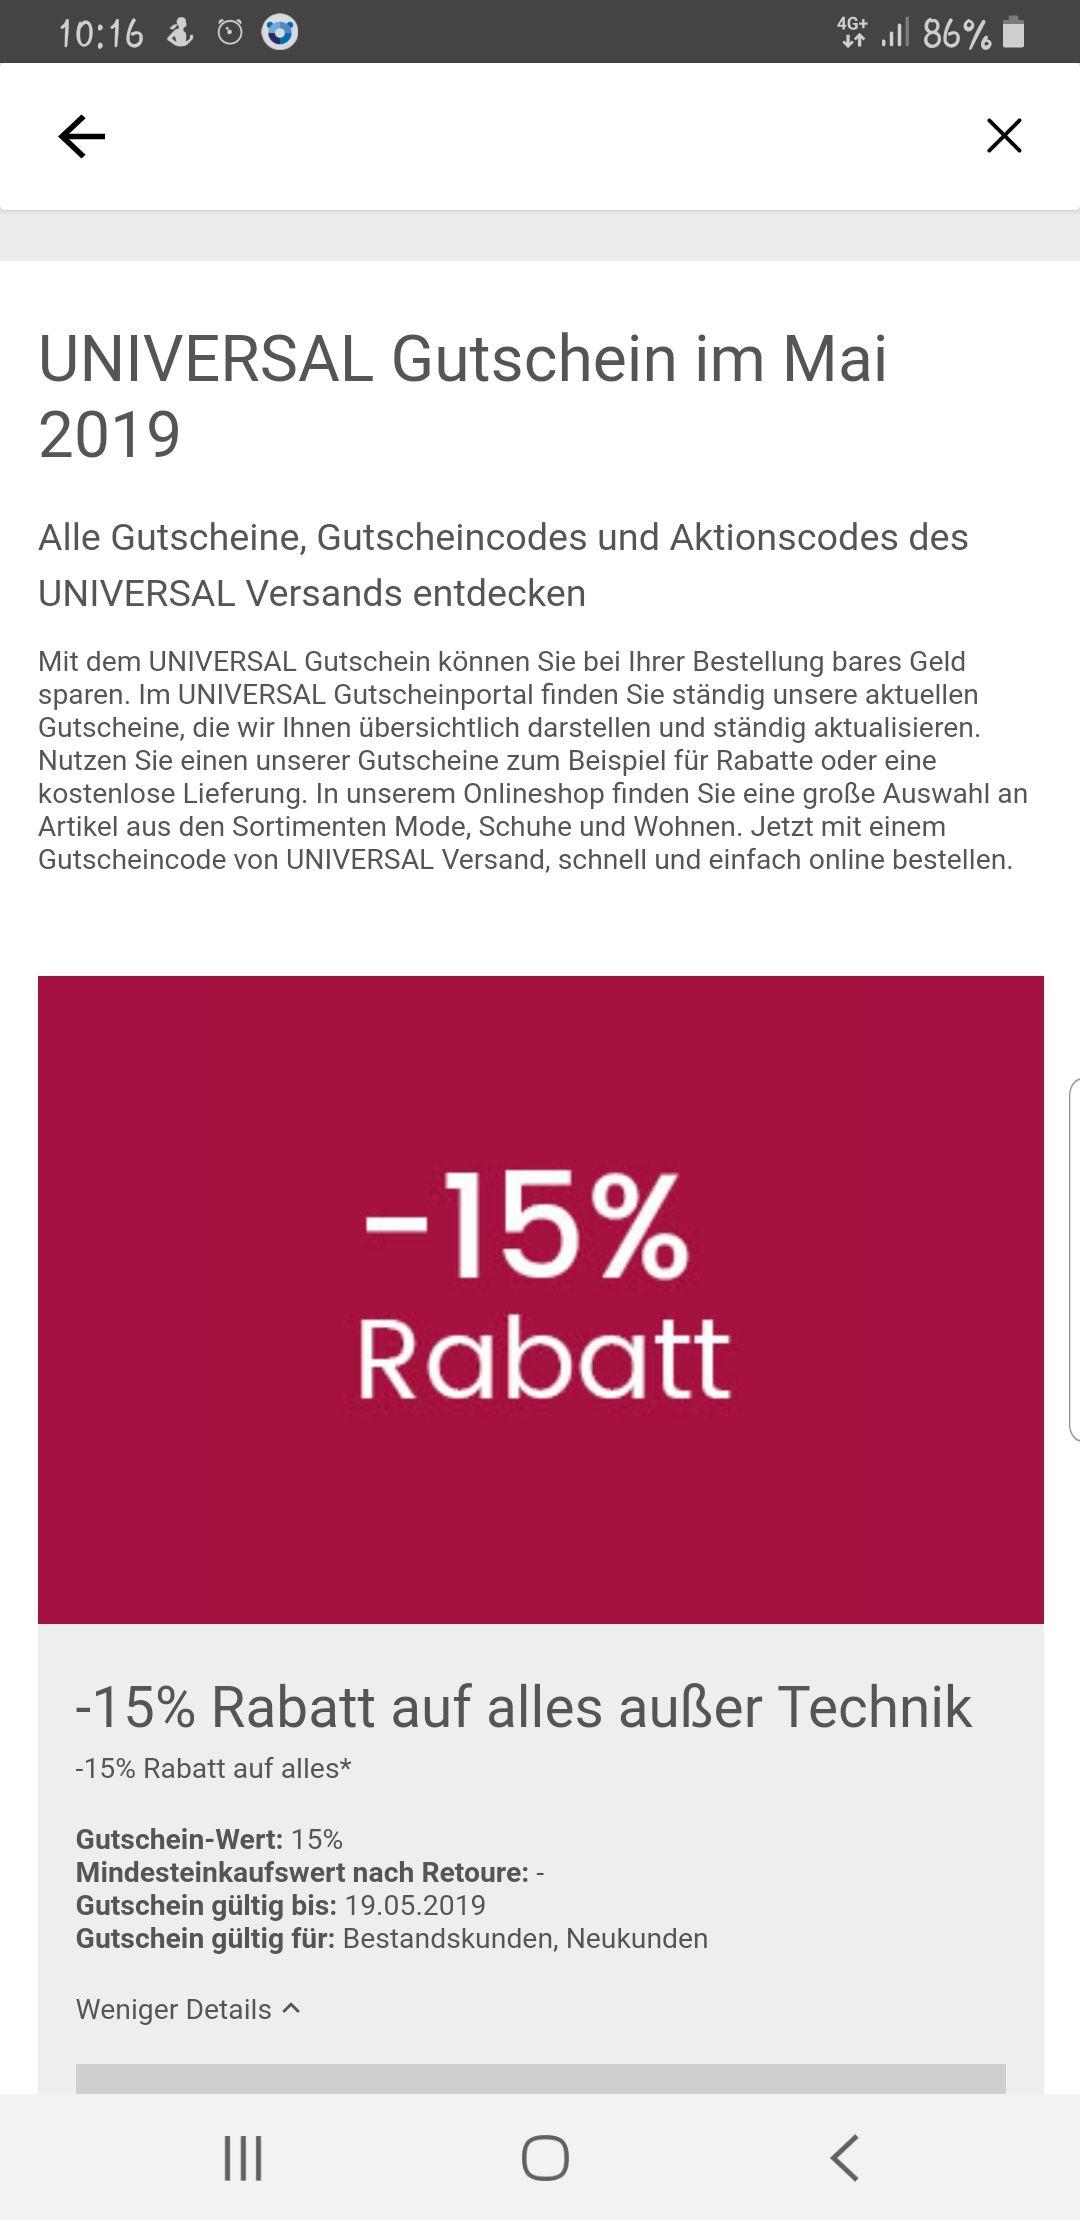 -15% Rabatt auf Alles außer Technik